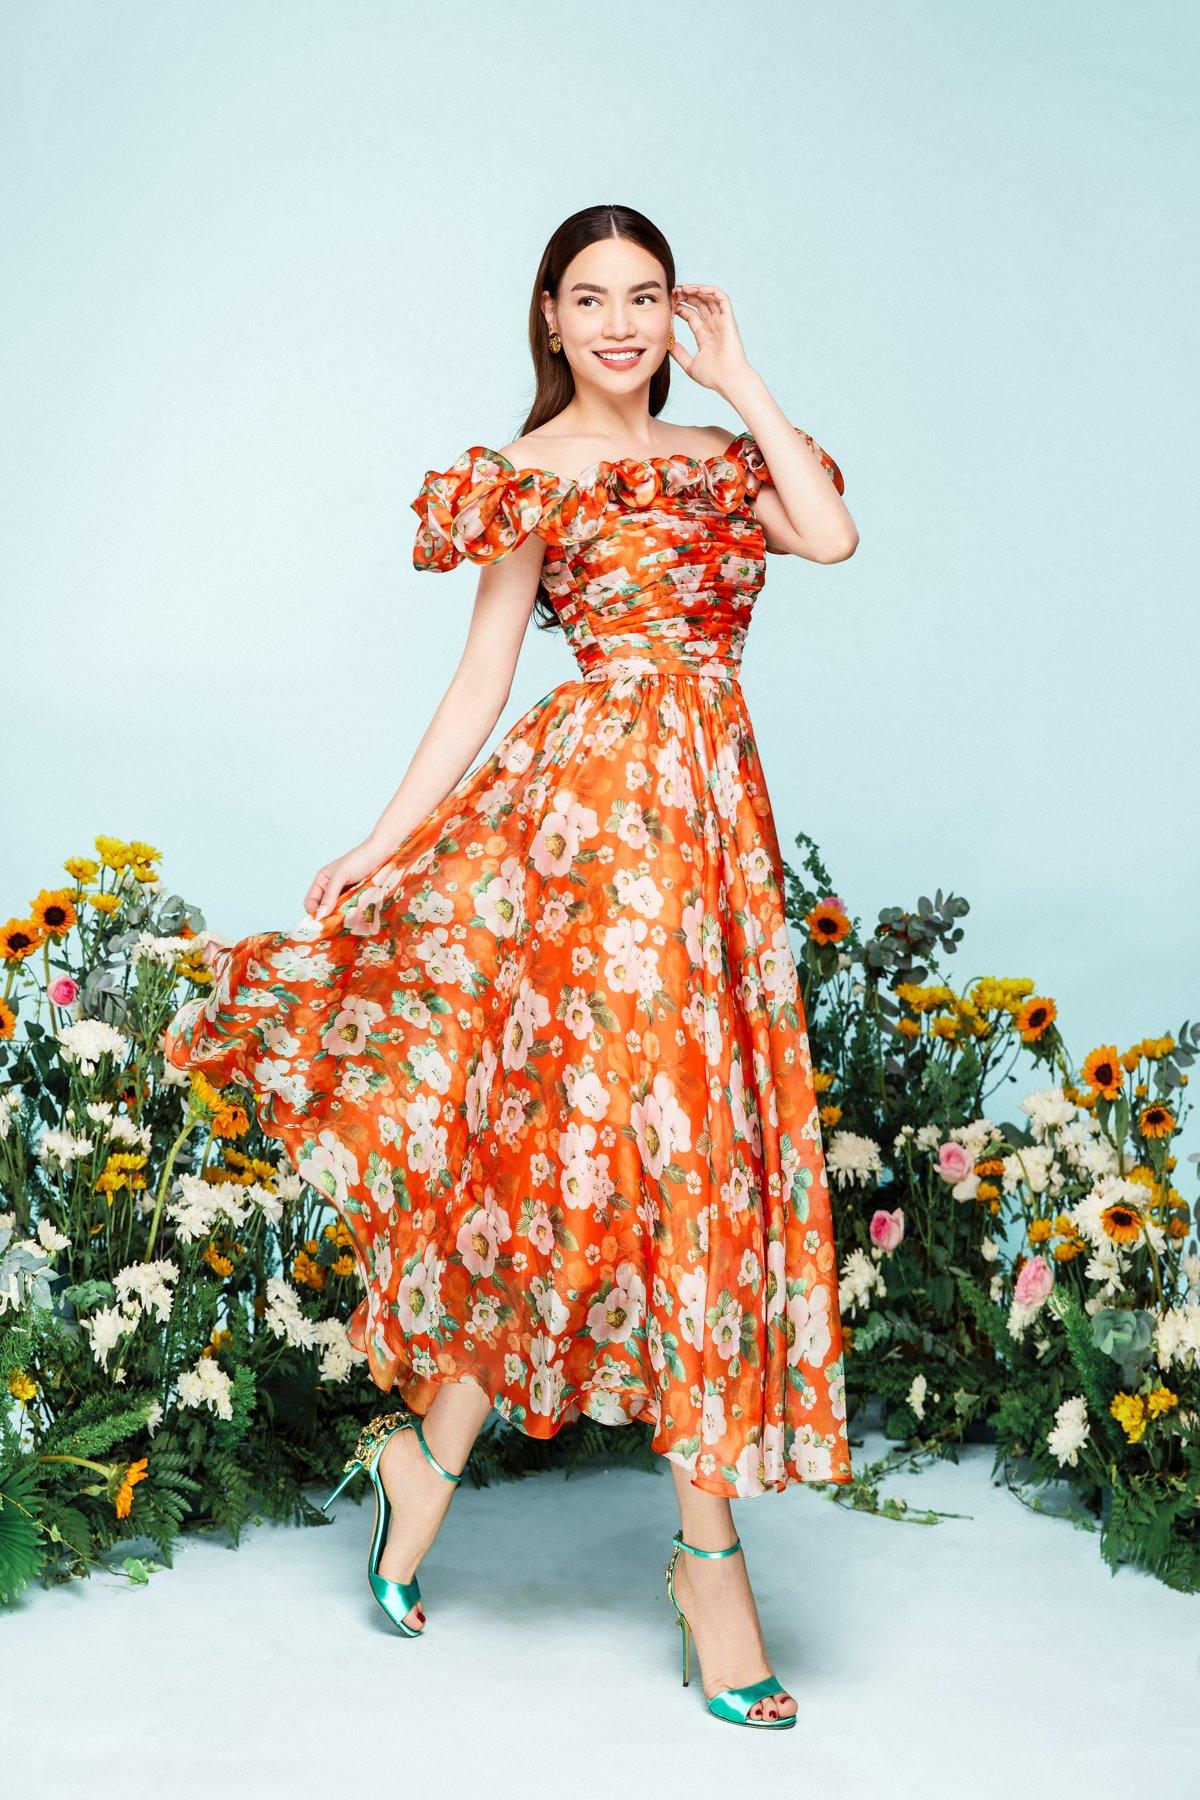 NEVA2189 Hồ Ngọc Hà xuất hiện lung linh trong BST mới của NEVA Fashion